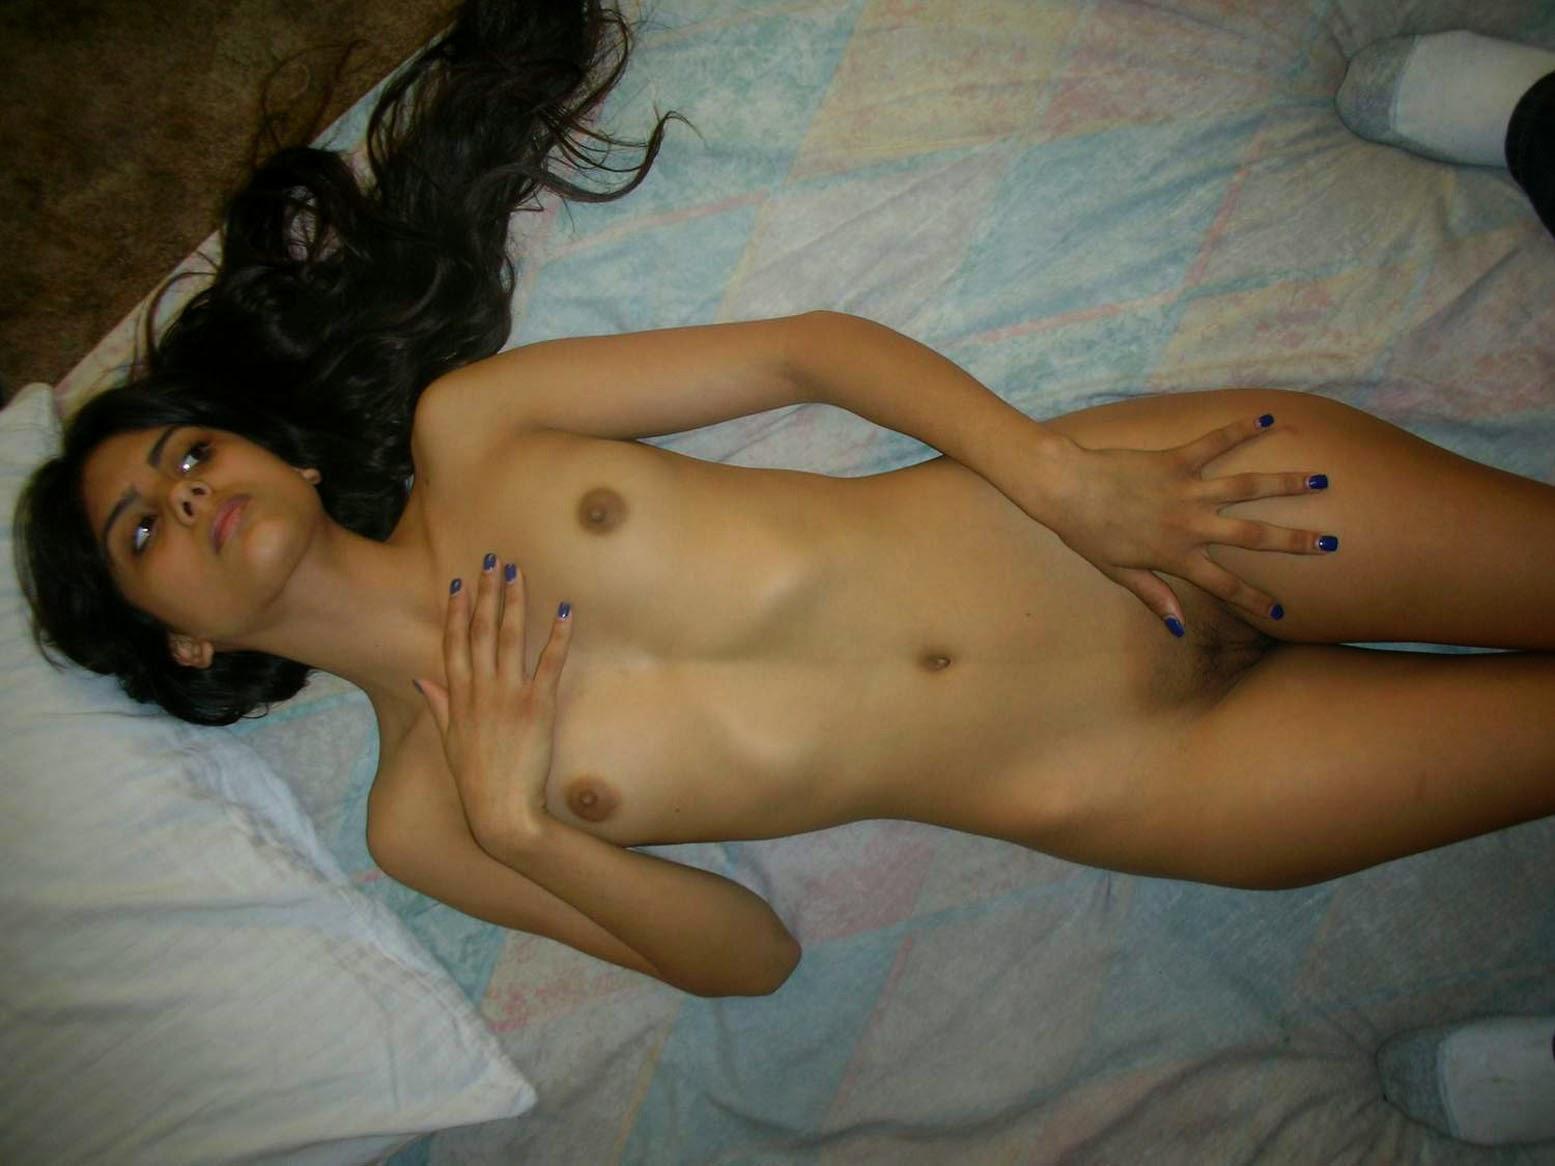 ex girlfriend photo naked girls